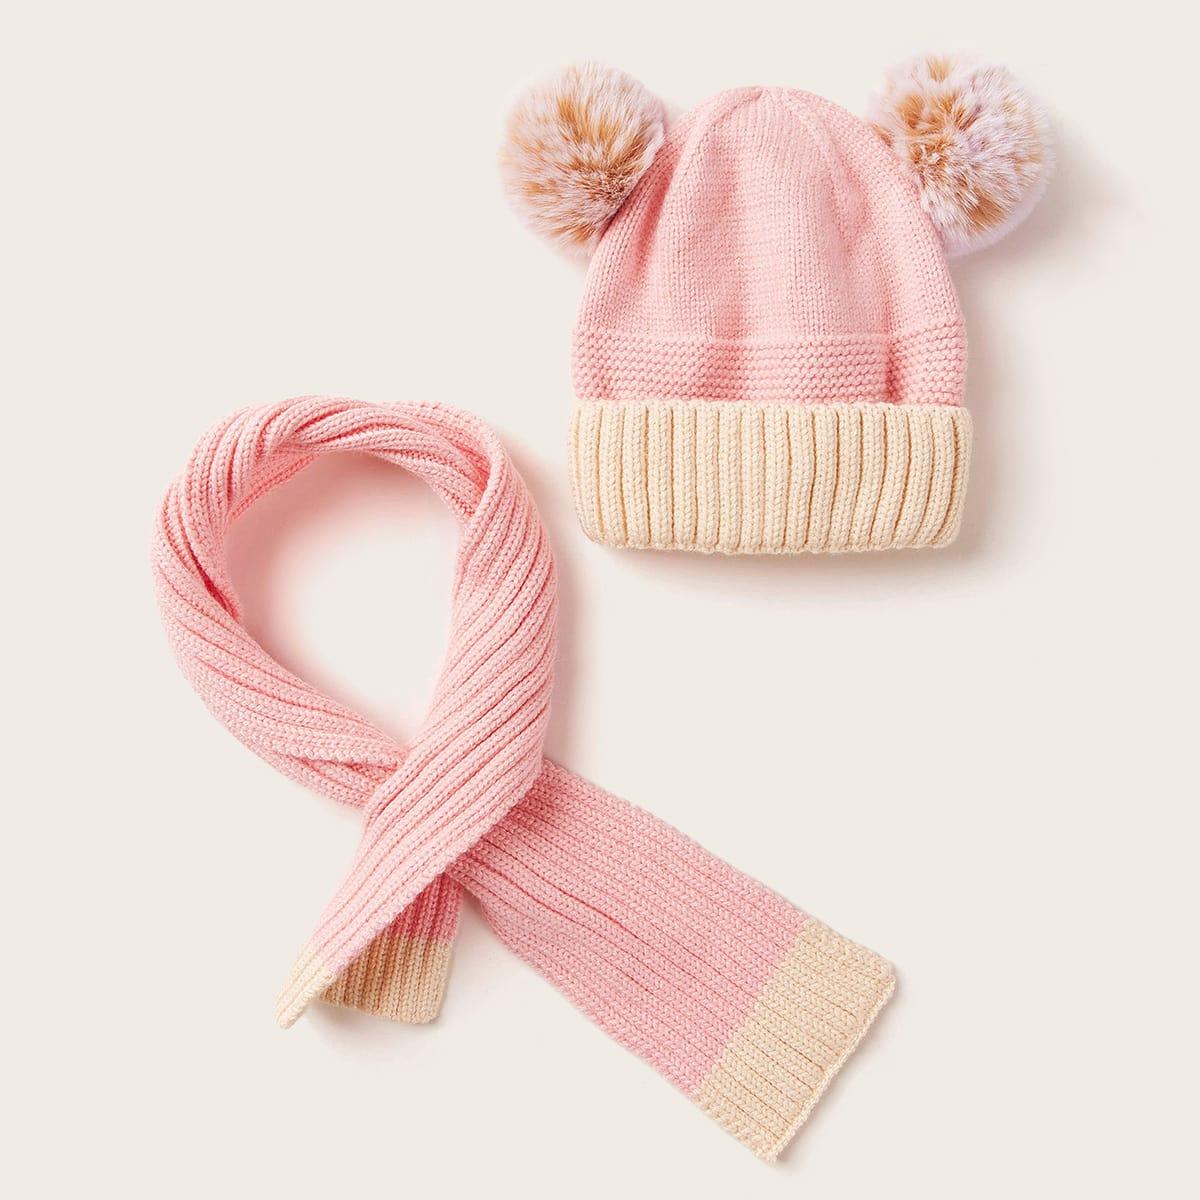 2st Peutermeisjes Fluffy Pom Pom Decor Muts & Sjaal